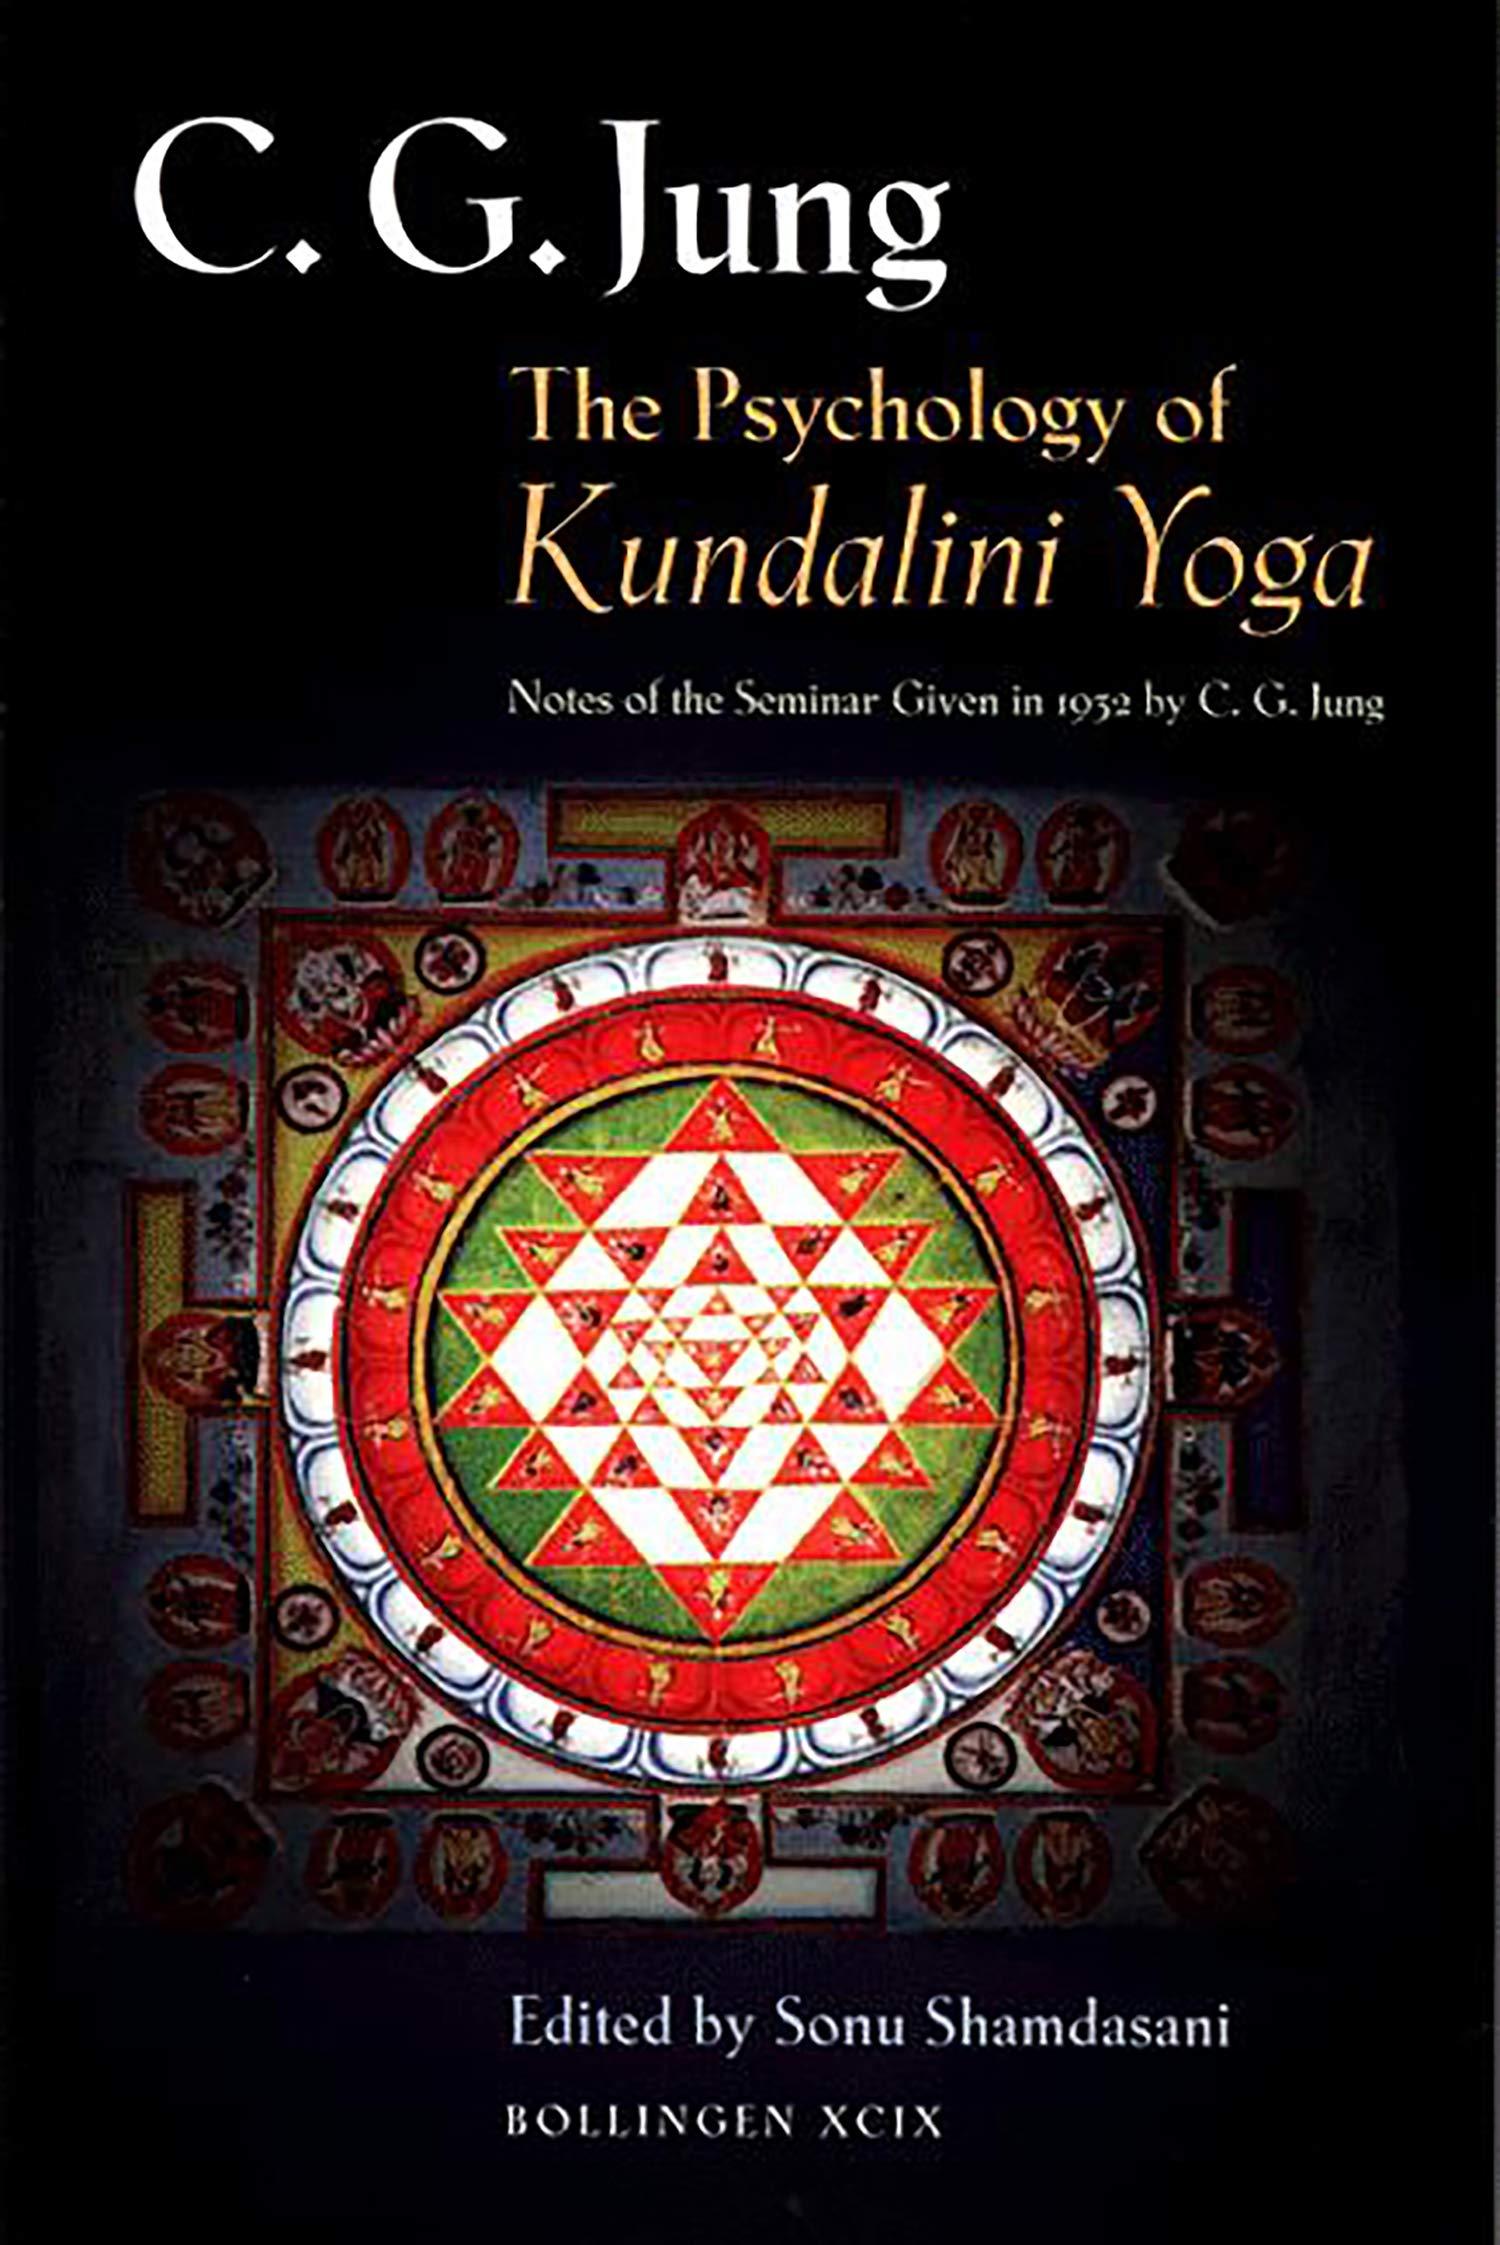 Amazon.com: The Psychology of Kundalini Yoga (8601422731125 ...